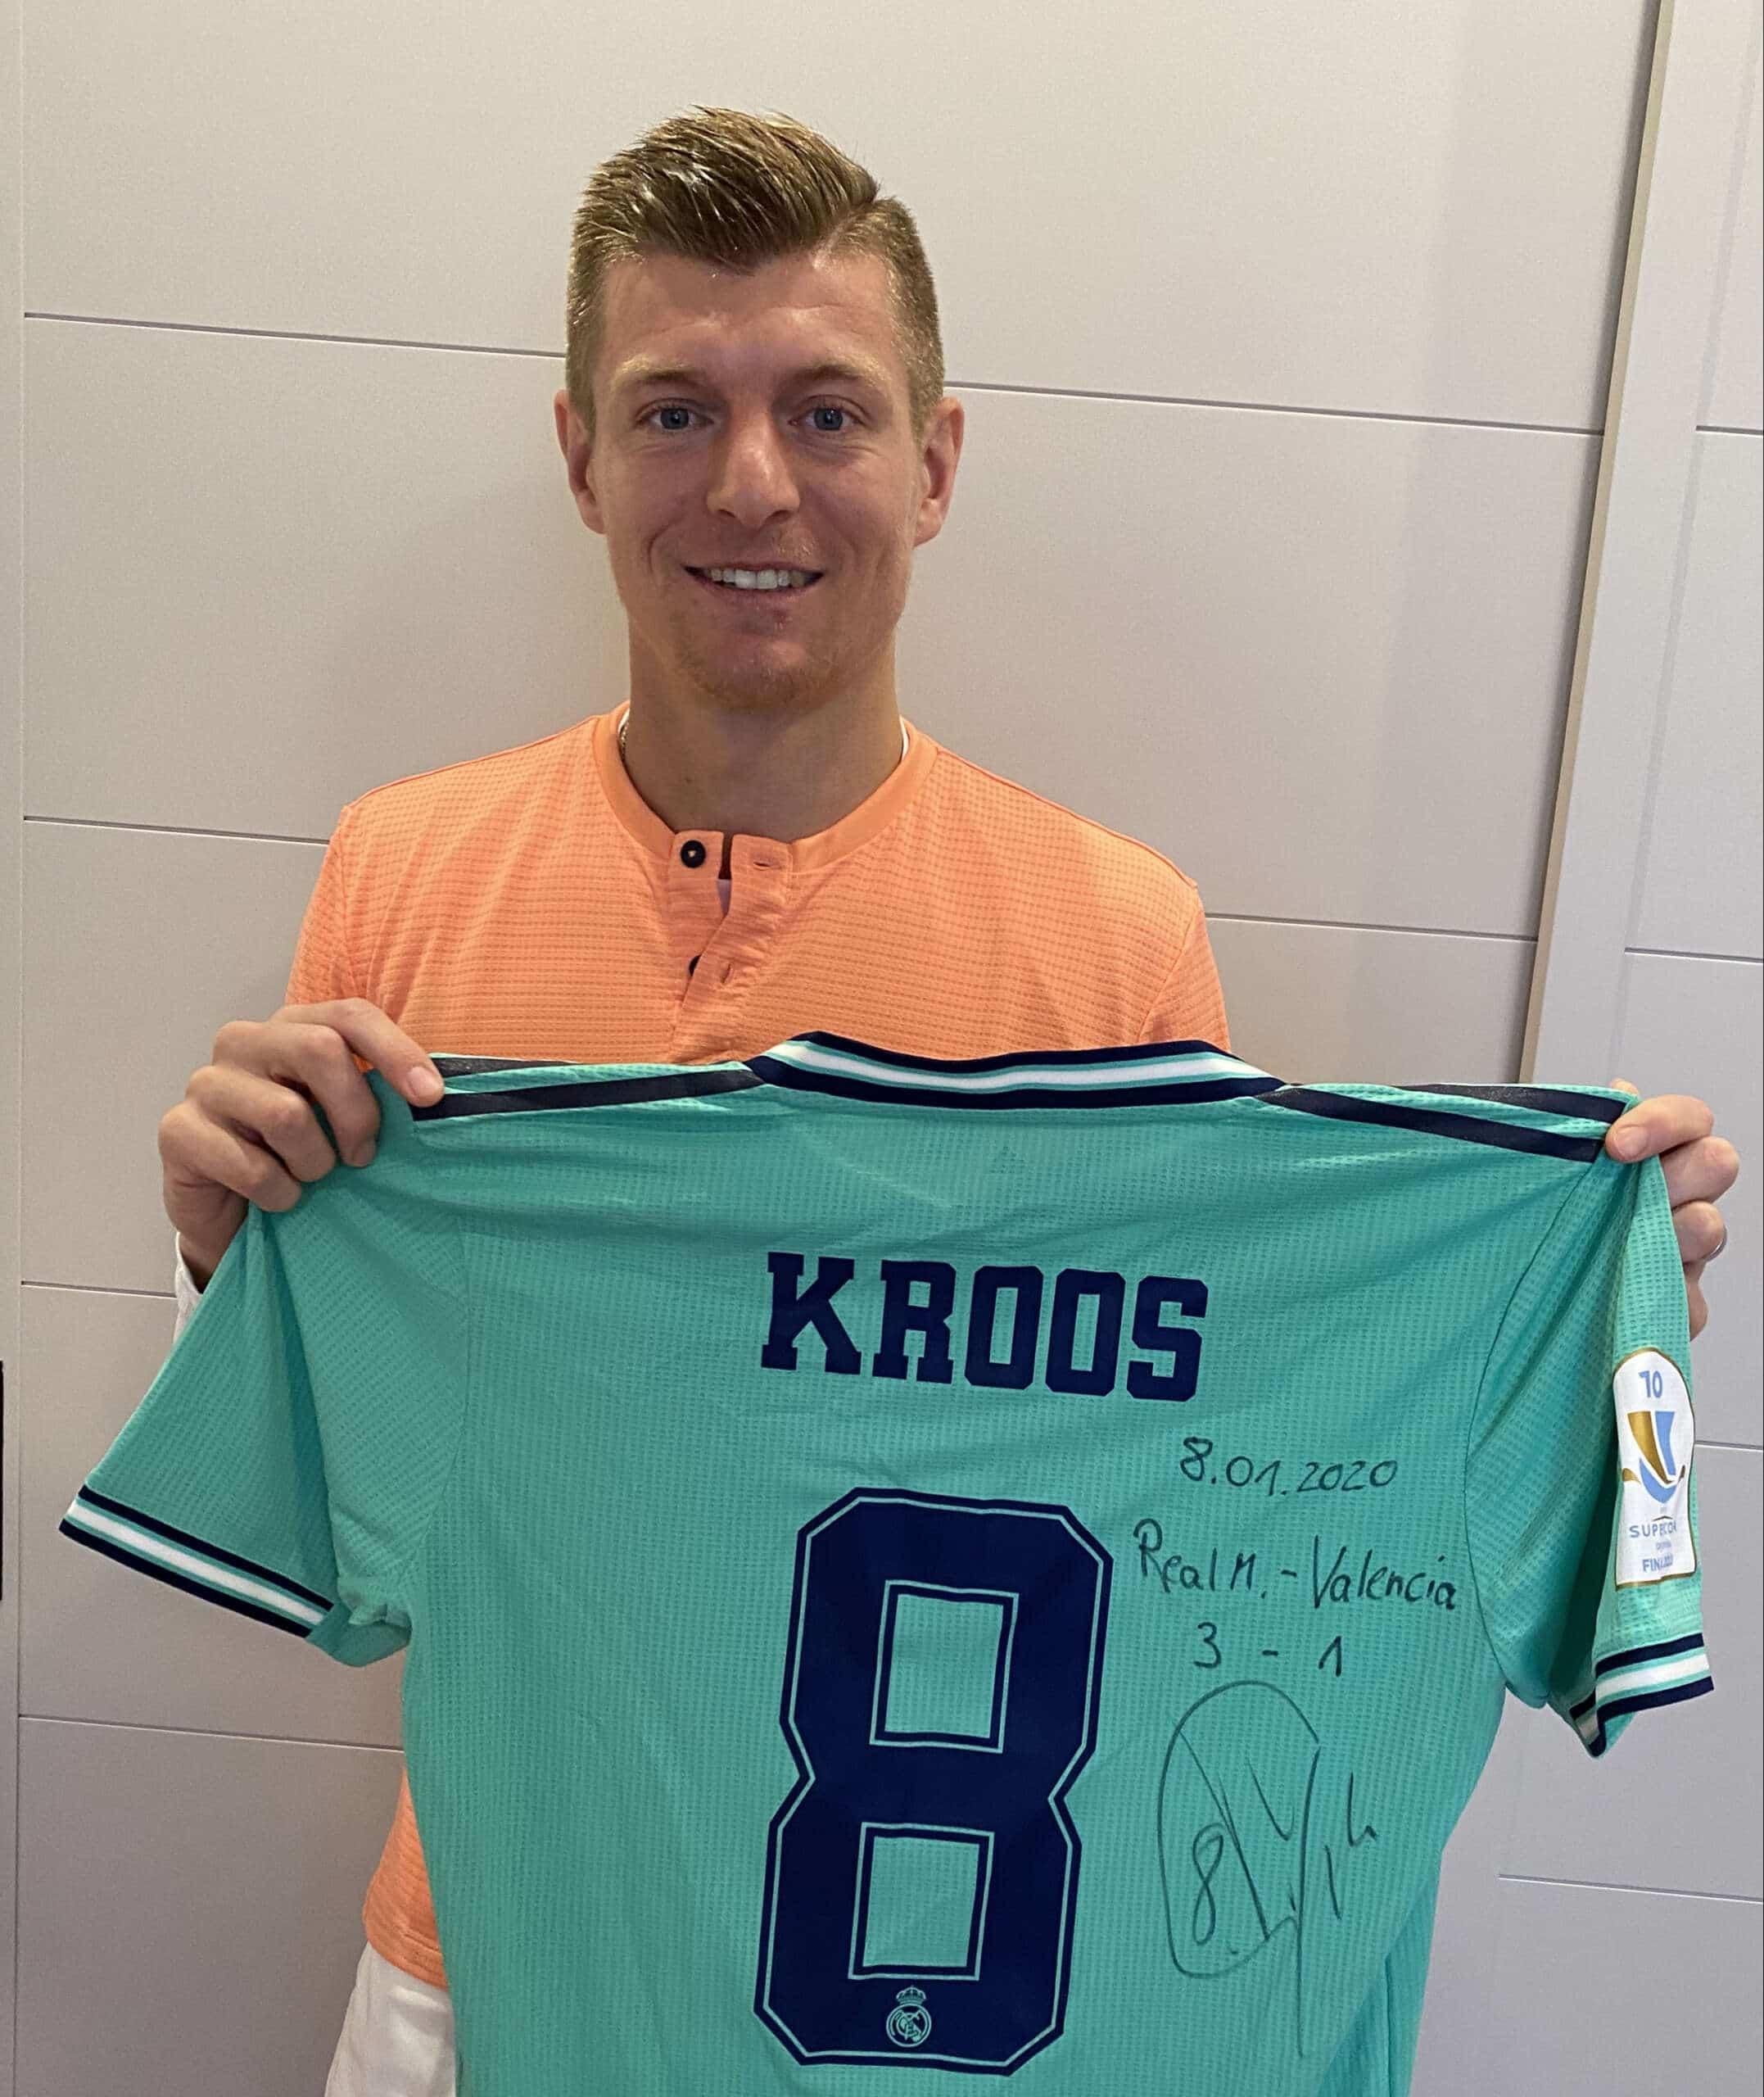 Toni Kroos - Supercup